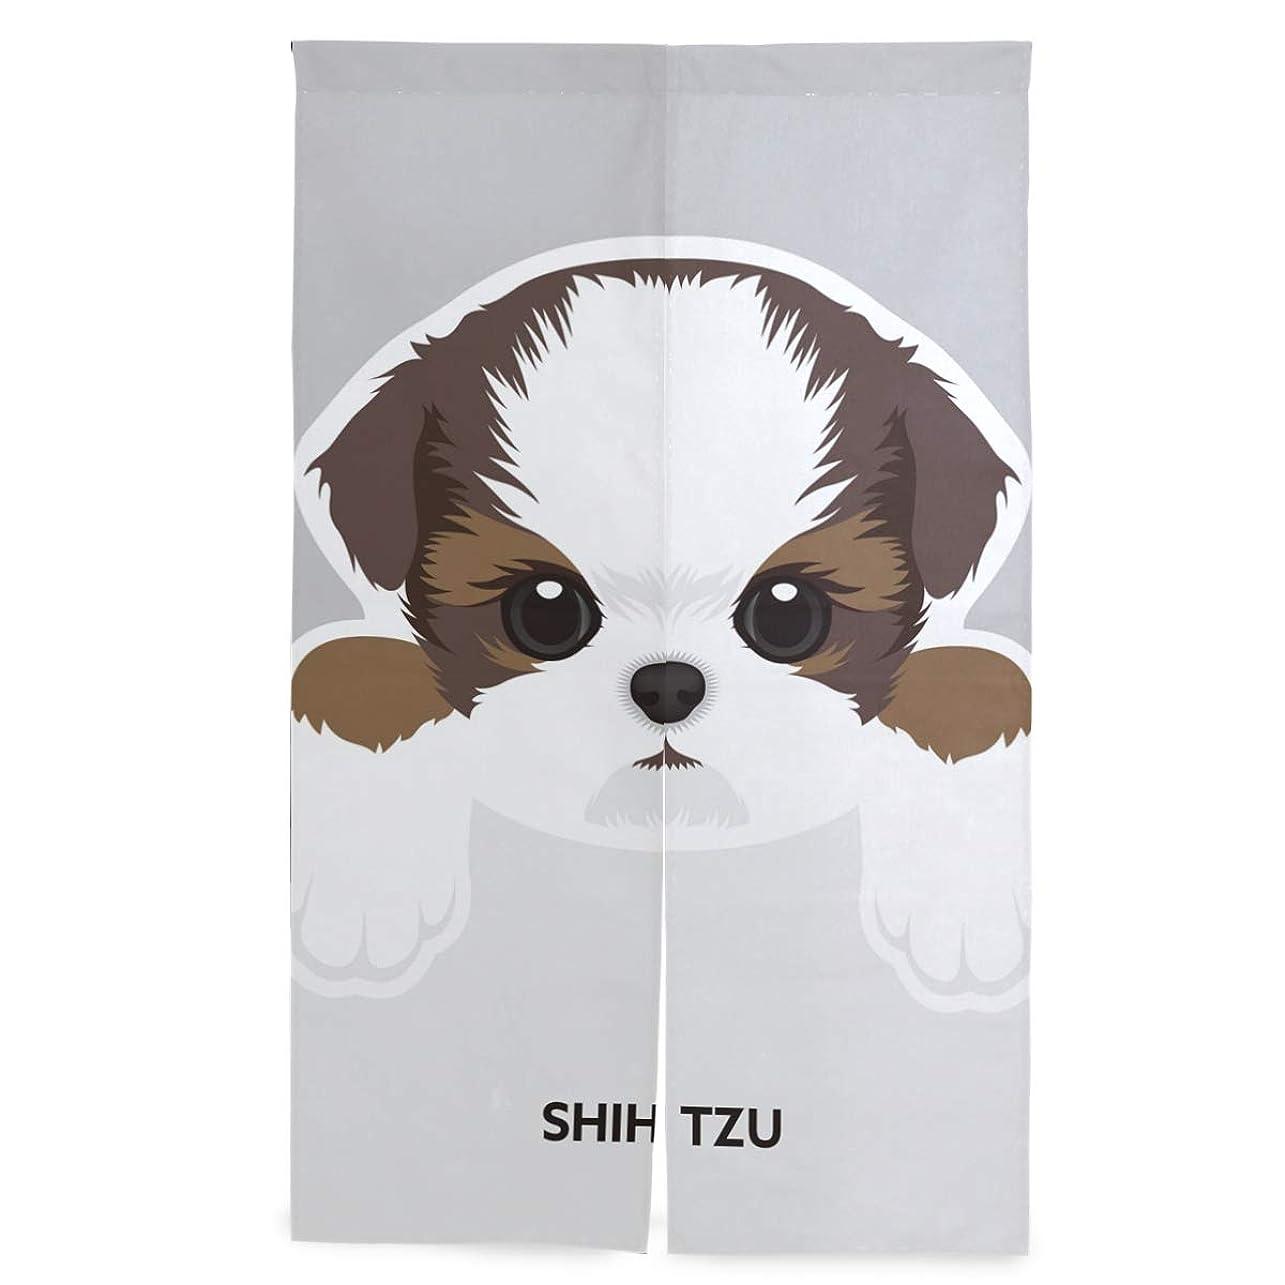 競争飛行場複製する旅人 のれん ロング おしゃれ 目隠し 綿麻 暖簾 間仕切り 玄関 洗面所 店の入り口 犬柄 シーズー 幅86cm×丈143cm